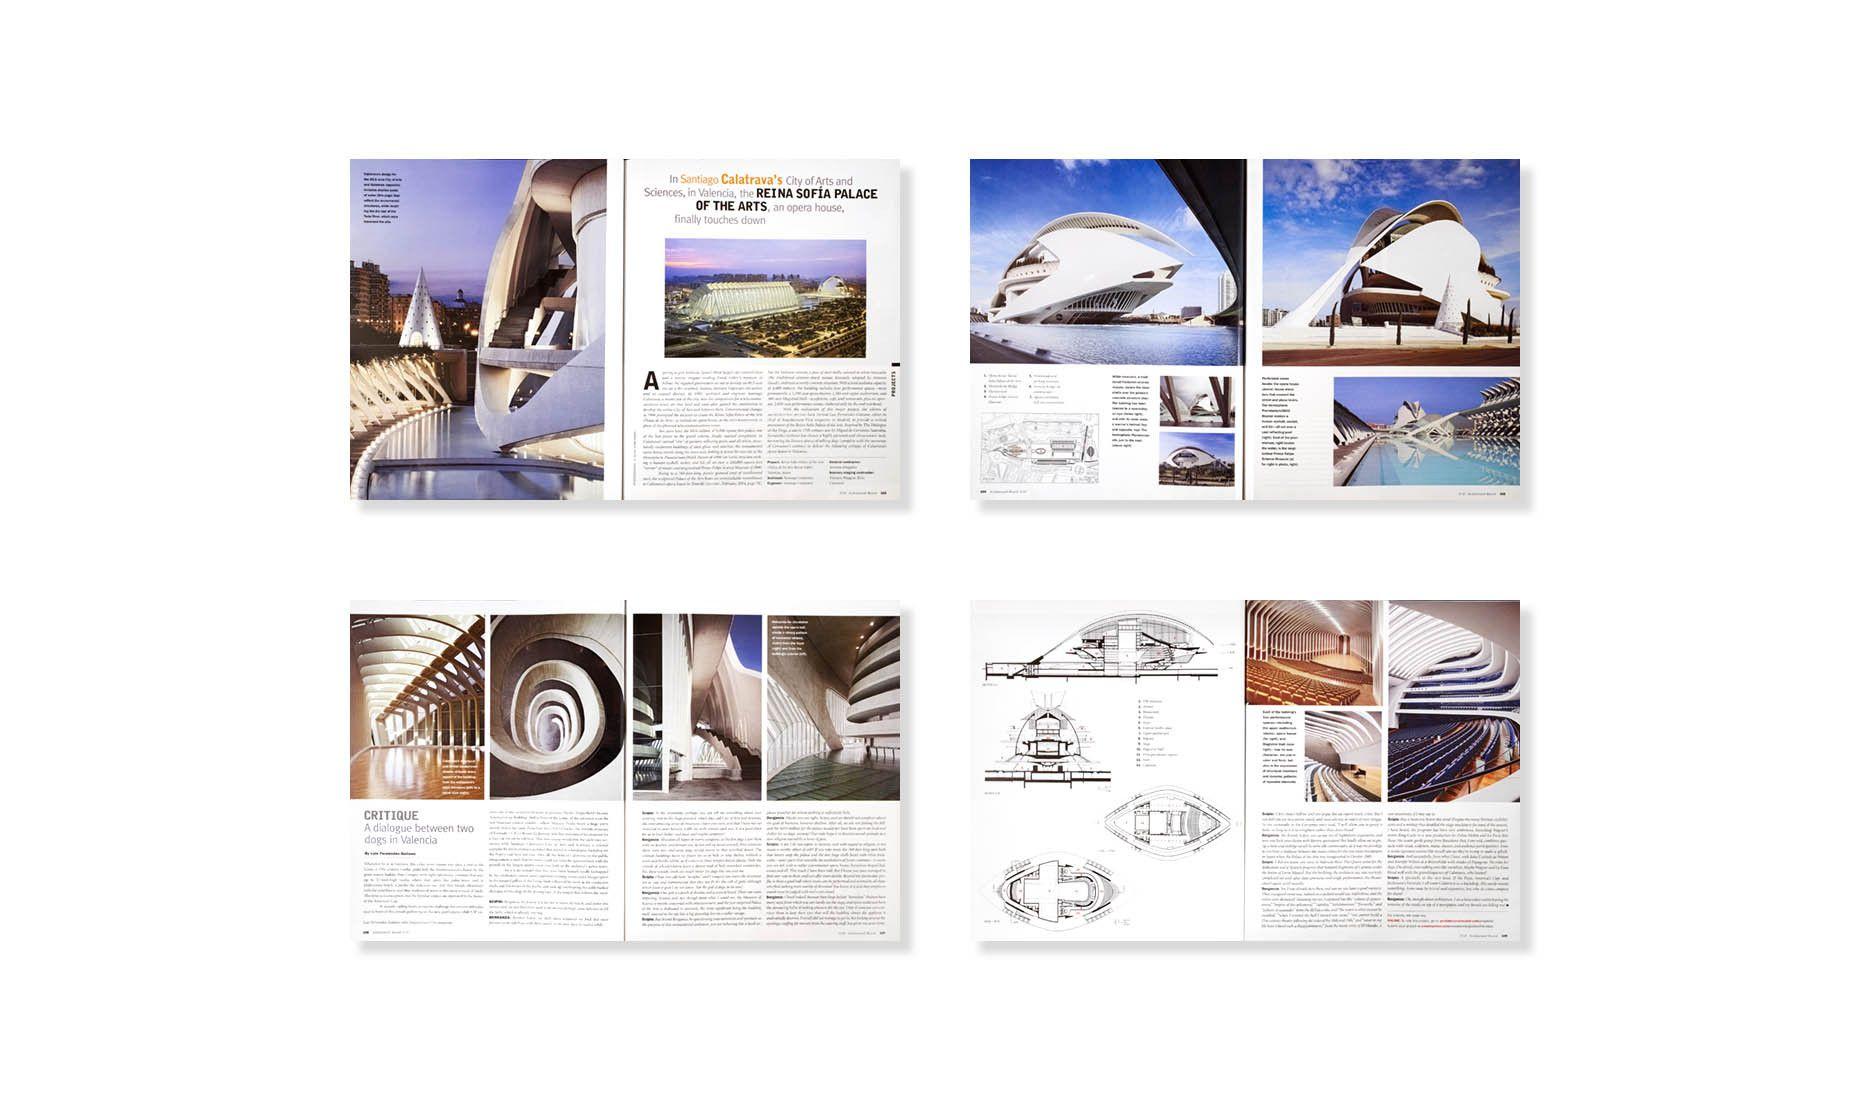 ARCHITECTURAL RECORD 07.07  .  SANTIAGO CALATRAVA  .  PALAU de les ARTES